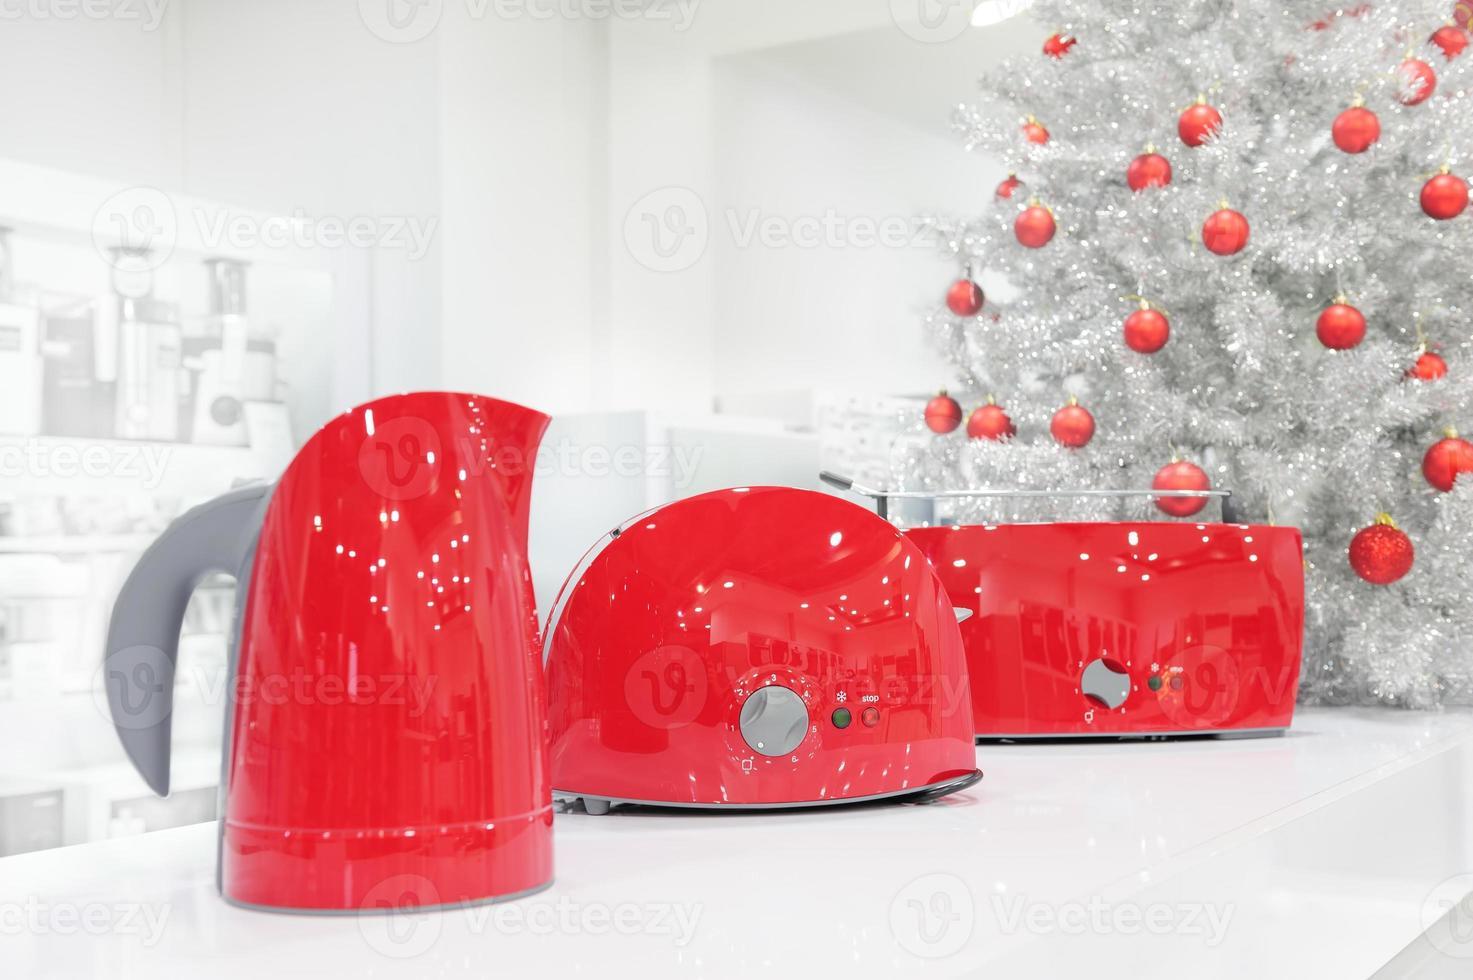 magasin d'électroménagers à Noël photo